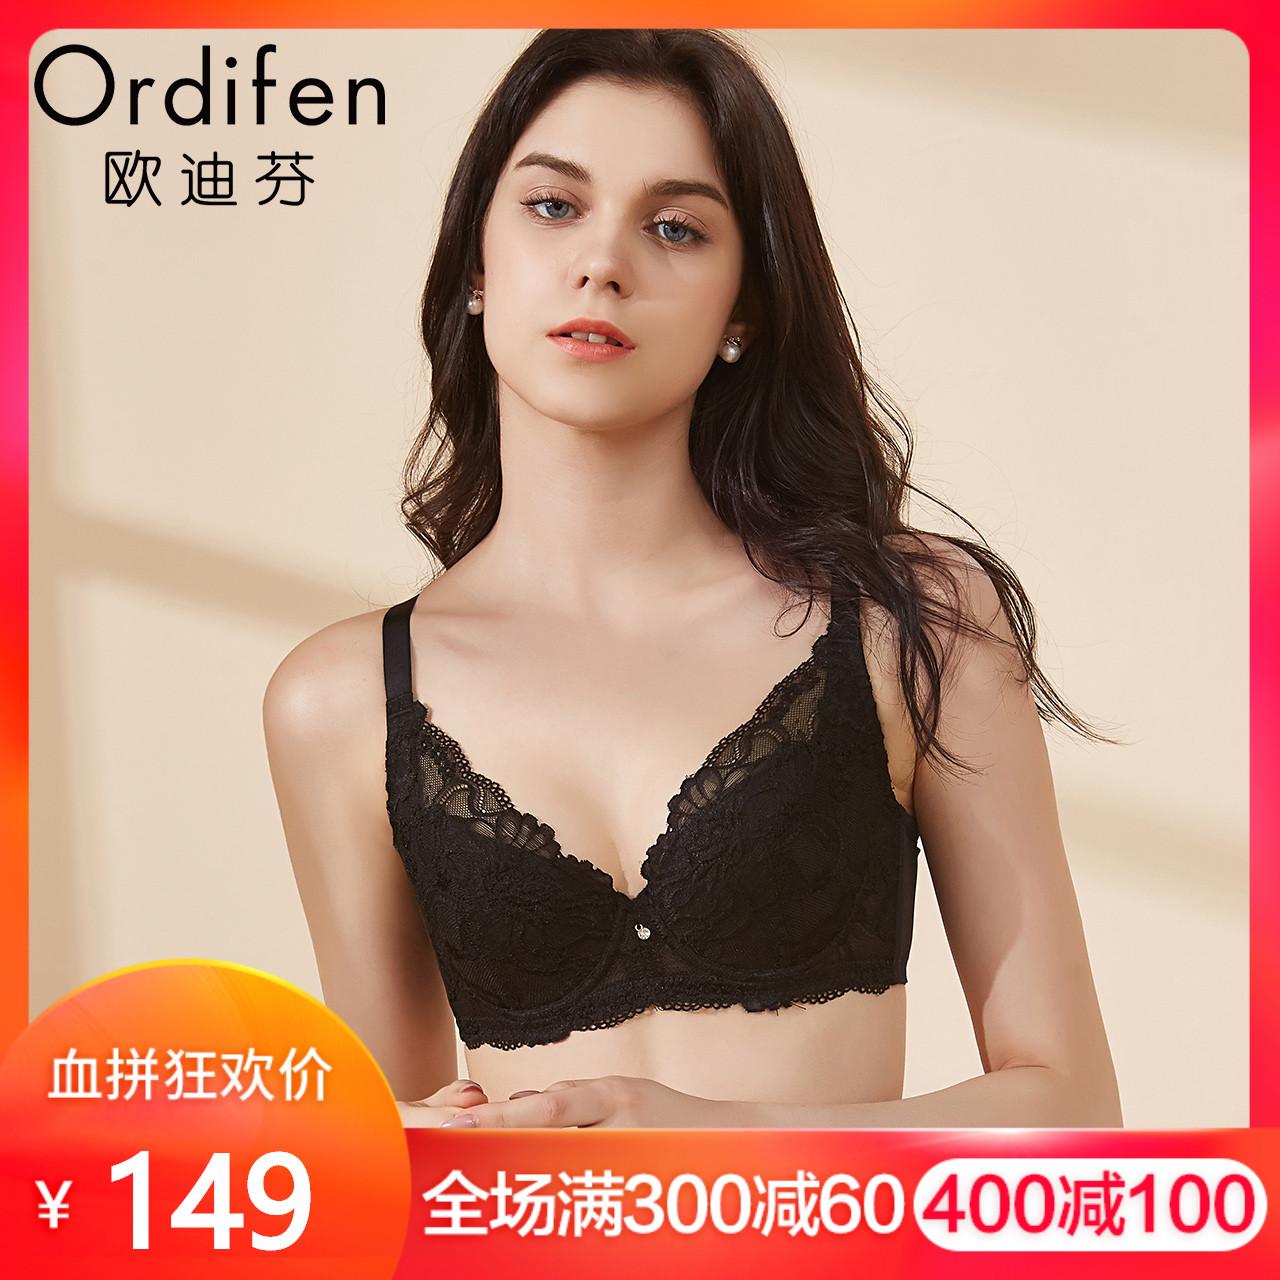 欧迪芬 蕾丝内衣女士薄款性感聚拢文胸法式美背大码胸罩XB6362Q